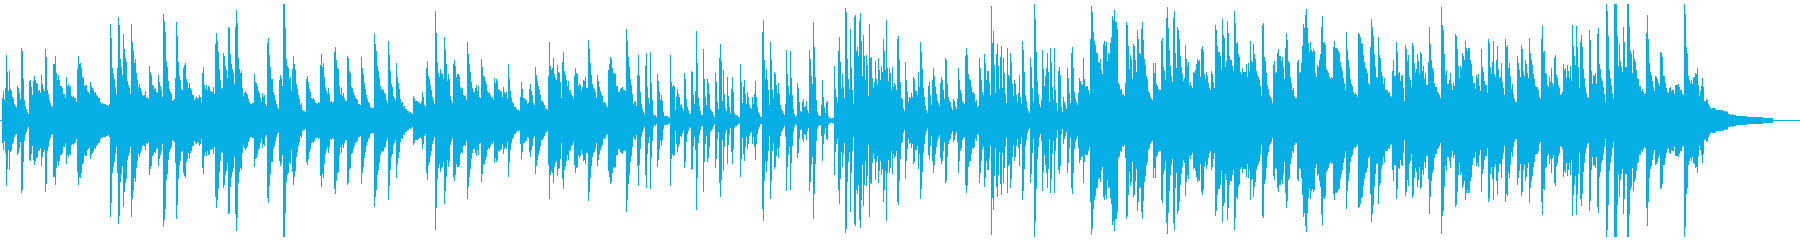 暖かく繊細なソロピアノジャズの再生済みの波形